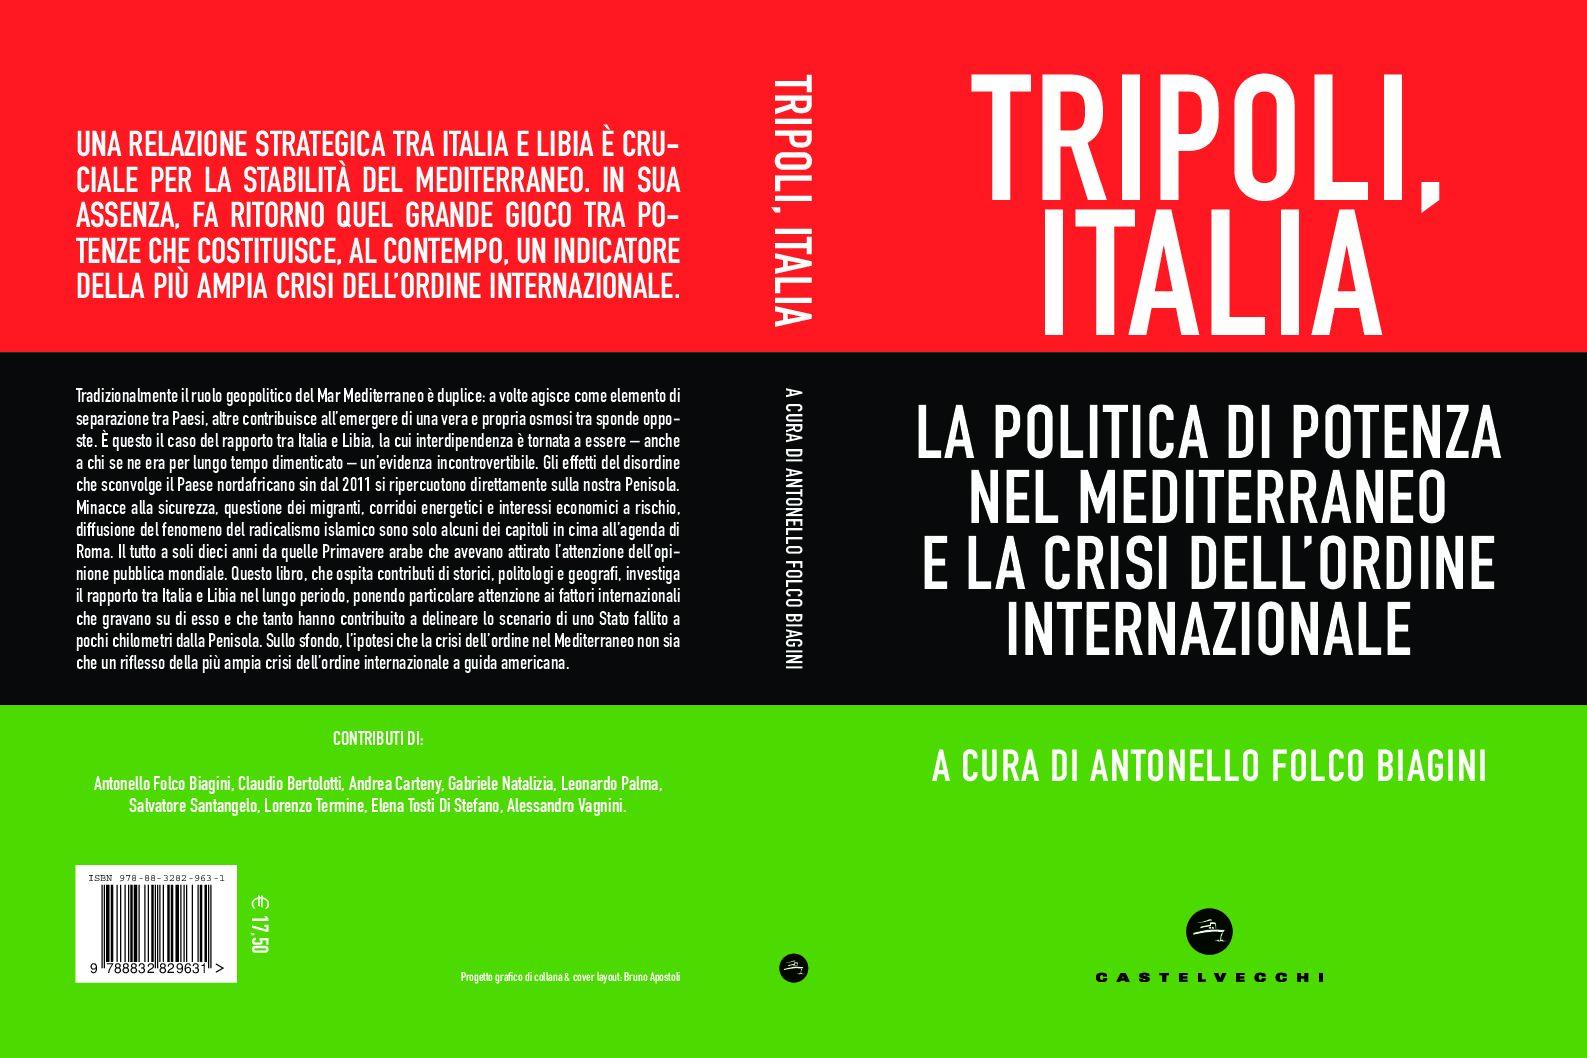 Tripoli, Italia. La politica di potenza nel Mediterraneo  e la crisi dell'ordine internazionale - Geopolitica.info